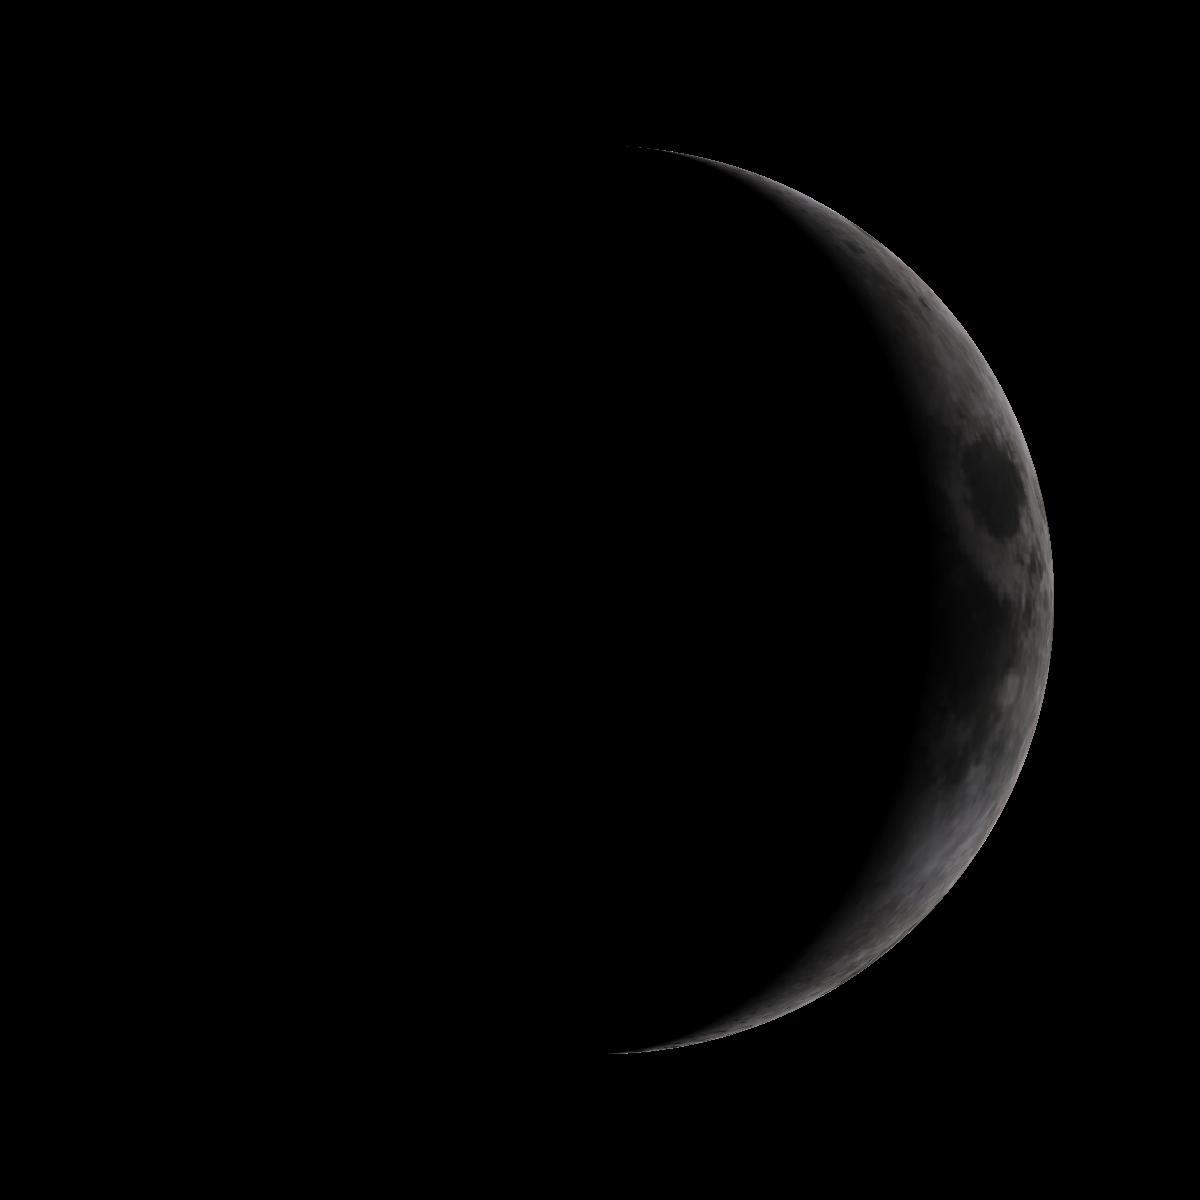 Lune du 27avril 2020